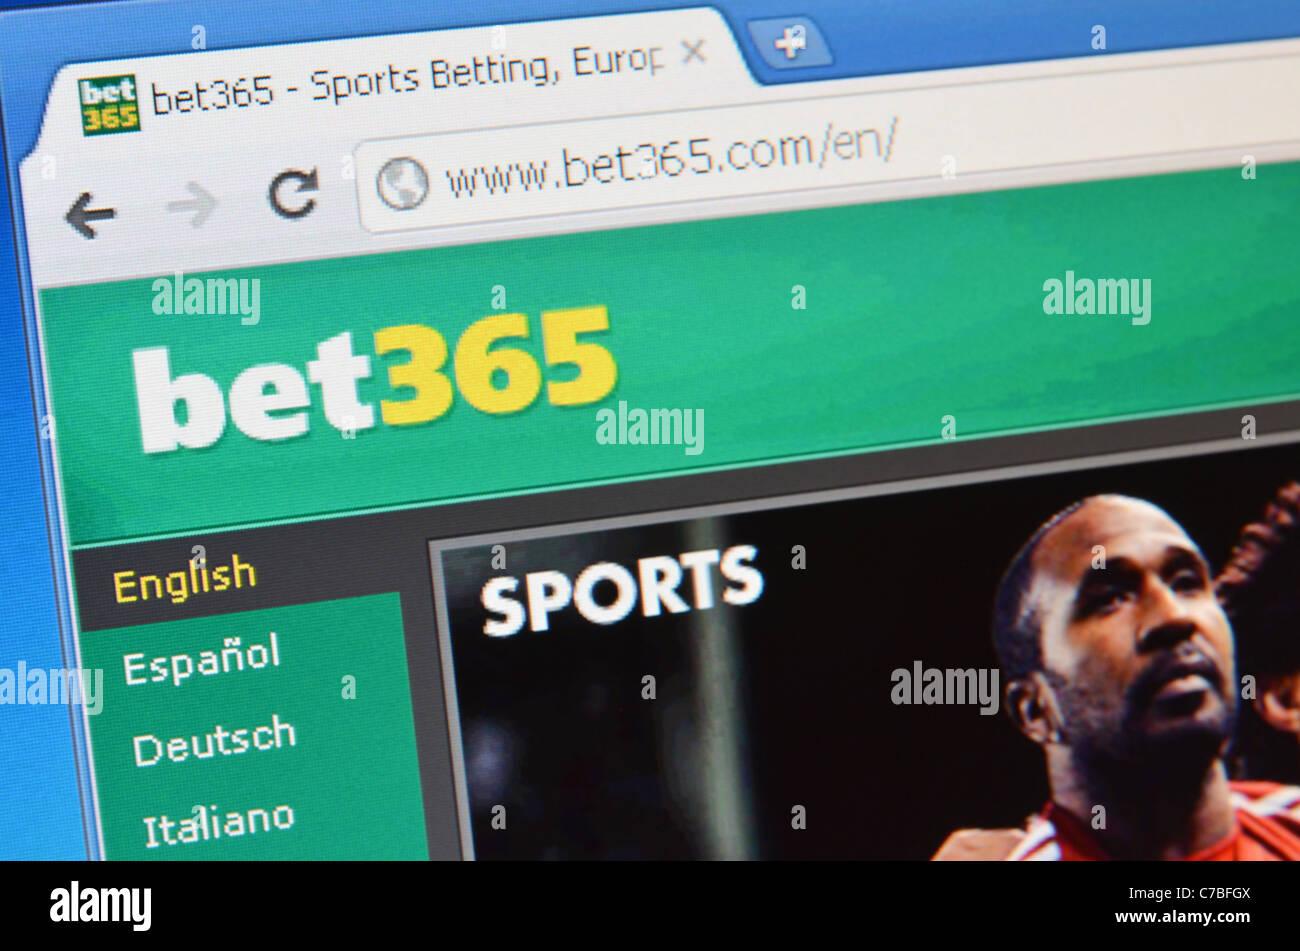 bet365 website screenshot - Stock Image